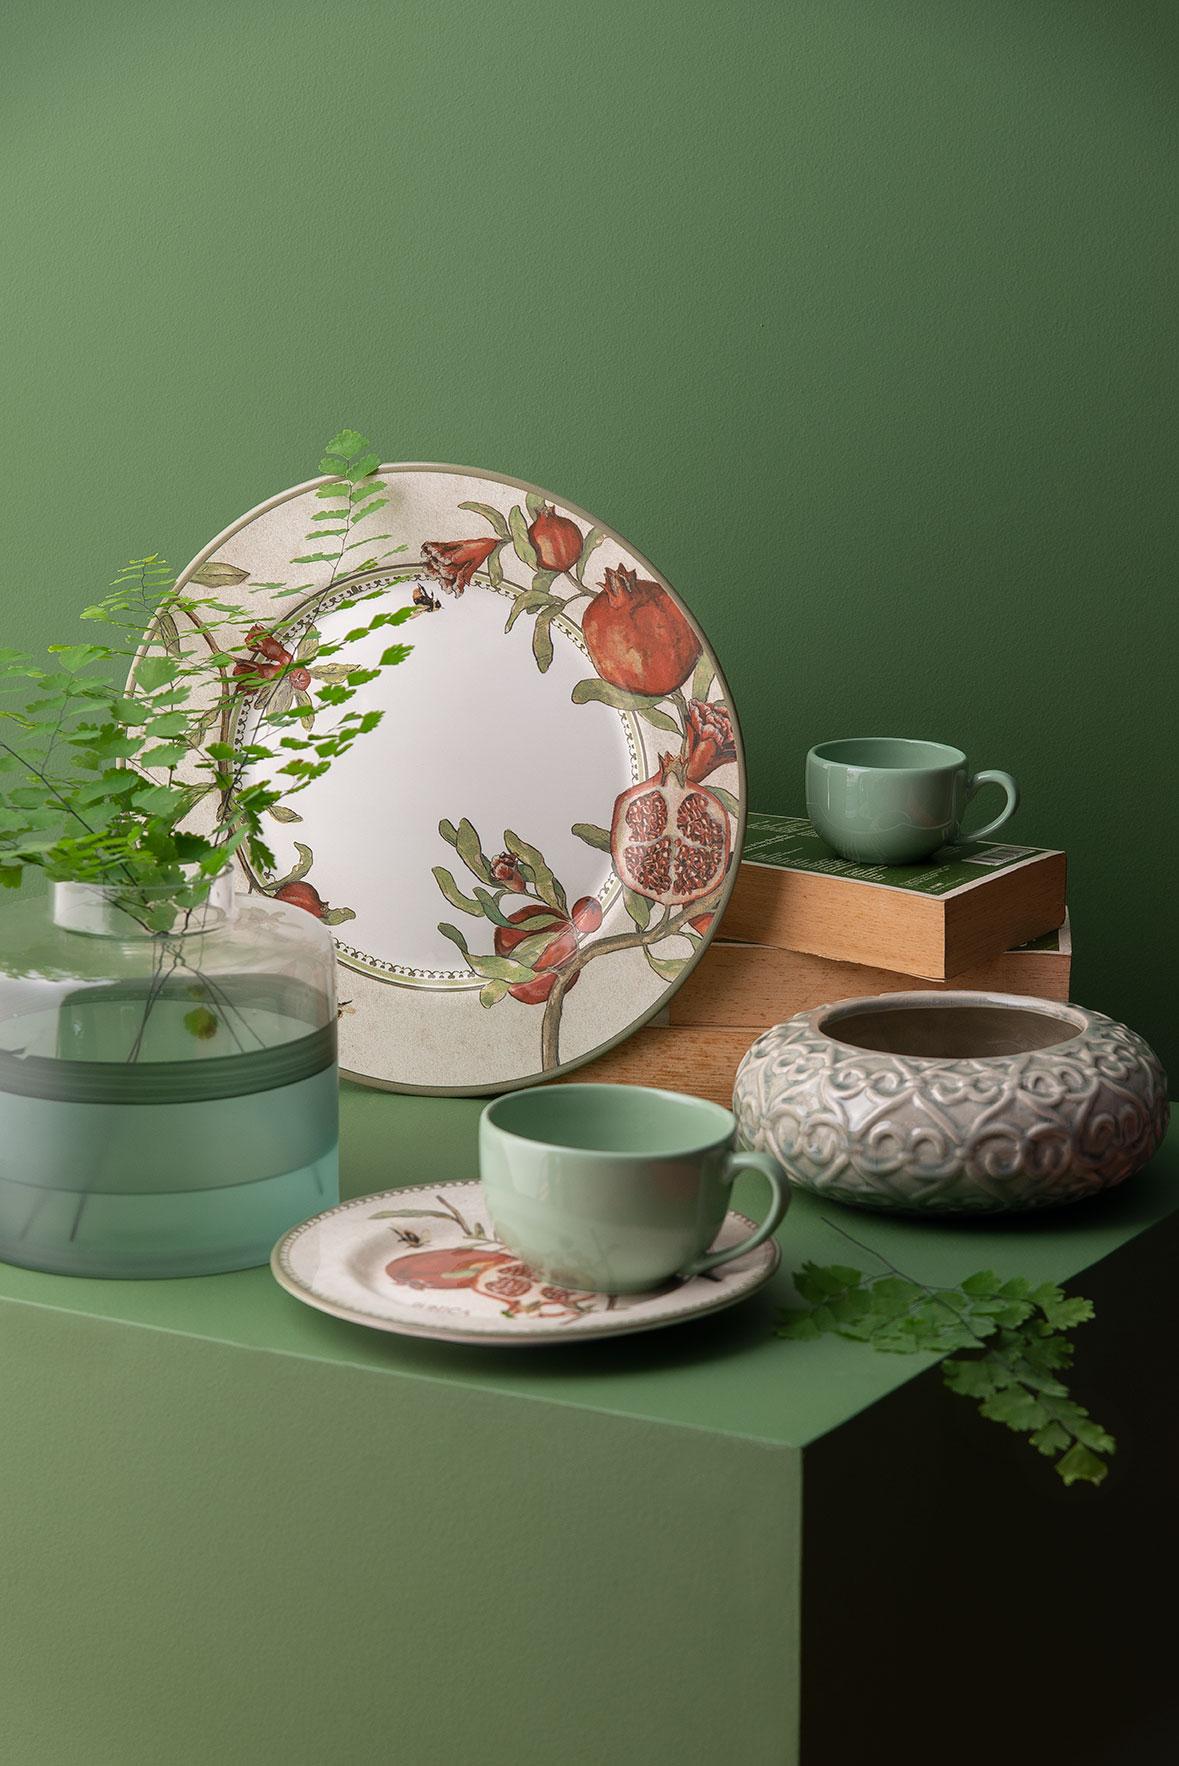 3690a7ebb2 Vaso de cerâmica da Buzzios; pratos e xícaras da Alleanza e vaso de vidro  verde da Maiori casa.